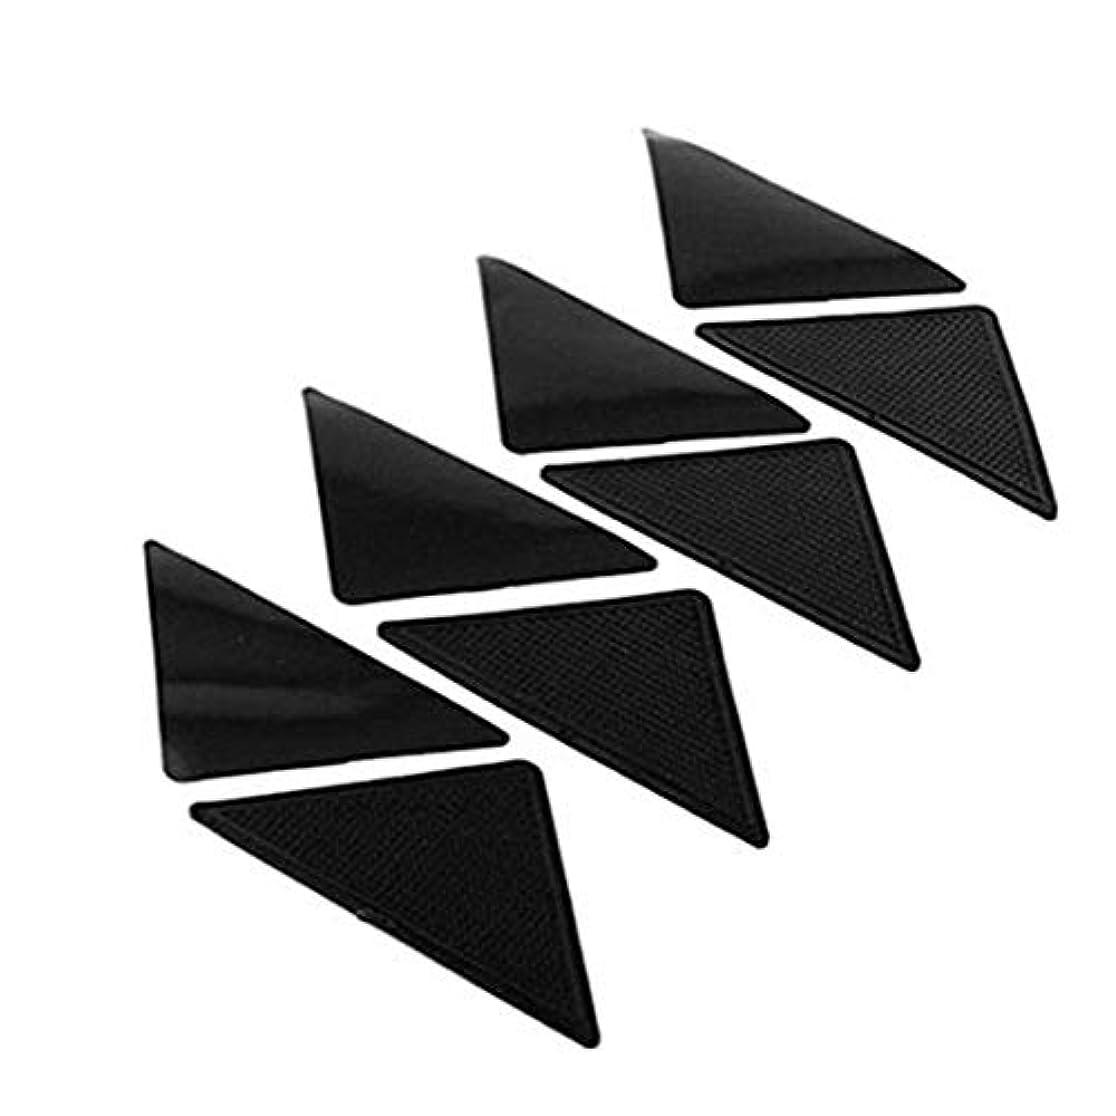 変成器スーパー脱獄Swiftgood 4個のアンチスキッドカーペットマット滑り止め小さなコーナー三角パッド洗える